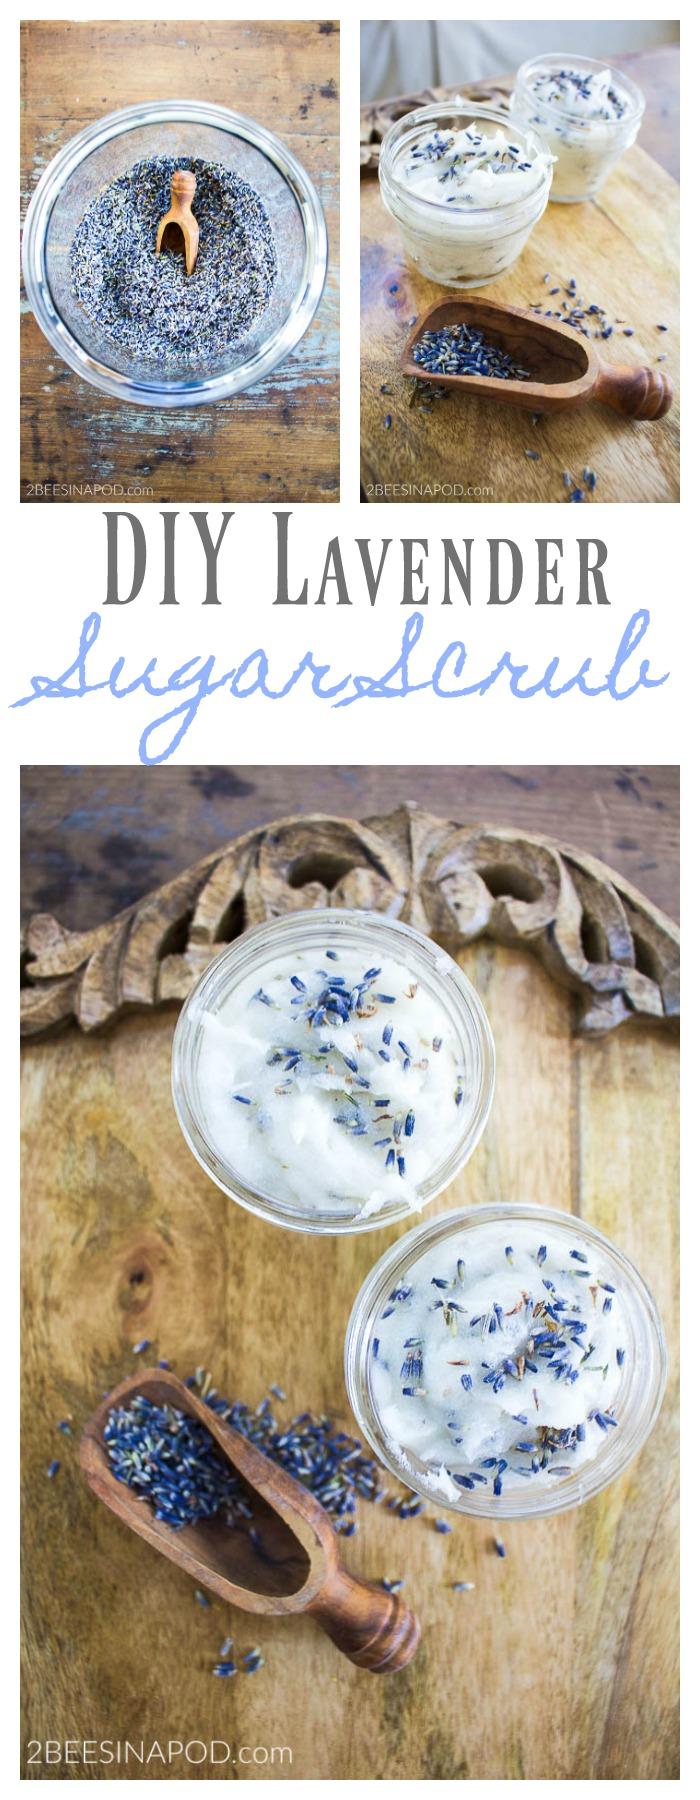 DIY Lavender Sugar Scrub feels great on dry skin